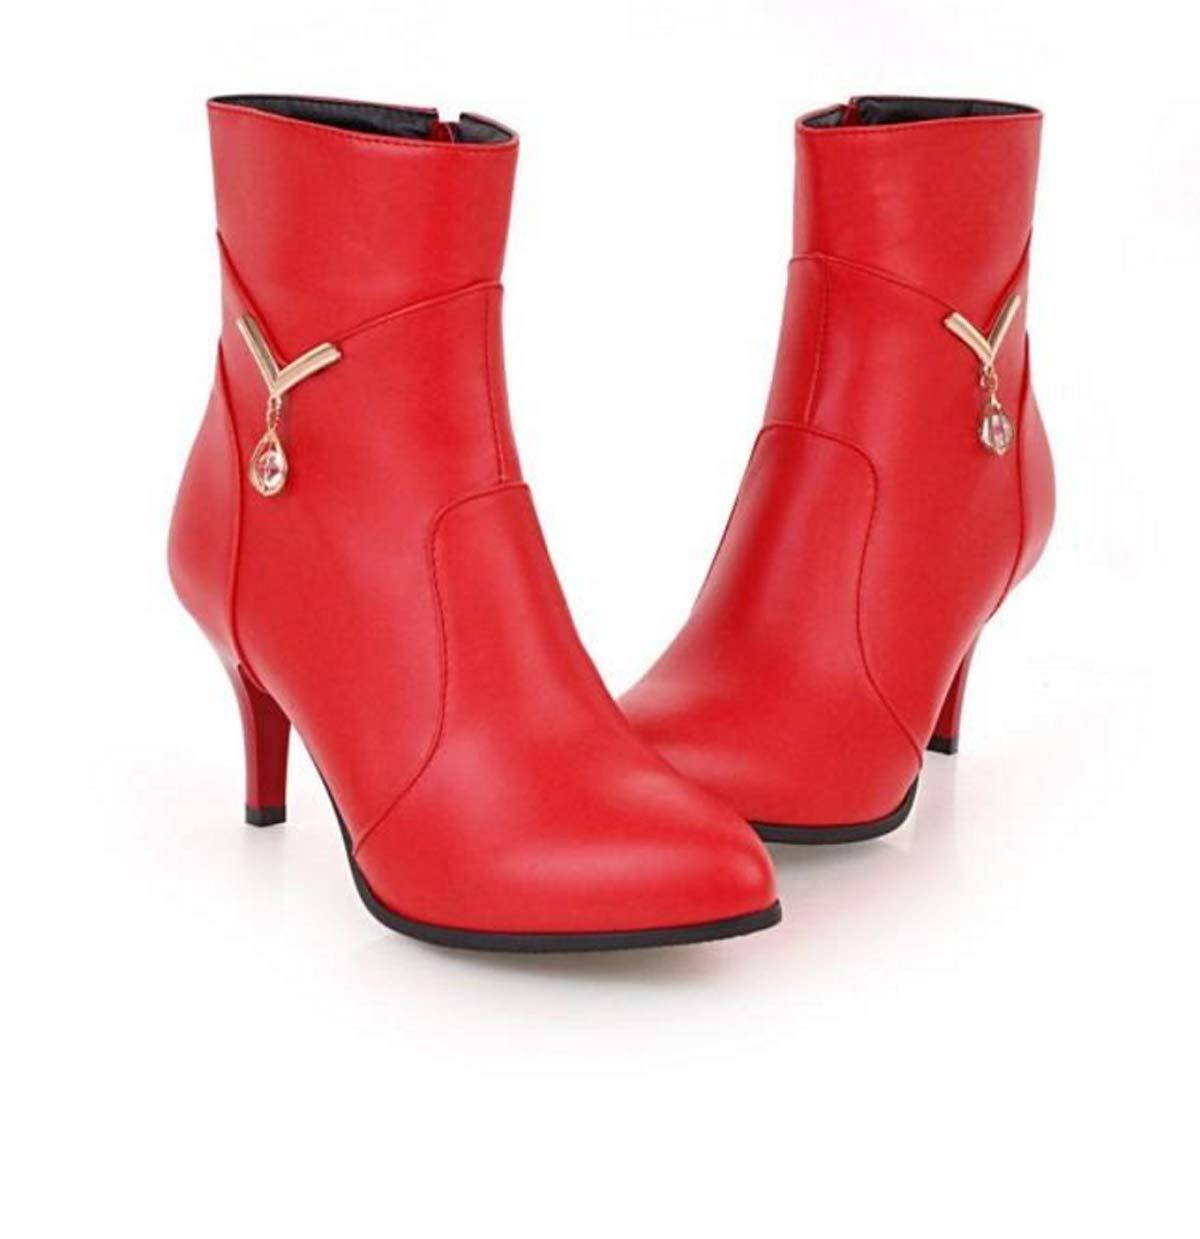 HBDLH Damenschuhe Im Herbst und Winter 7Cm High Heels Kurze Stiefel Sexy Mode Gut Bei Fuß Wasserdichte Tabelle Stiefel Martin Stiefel.